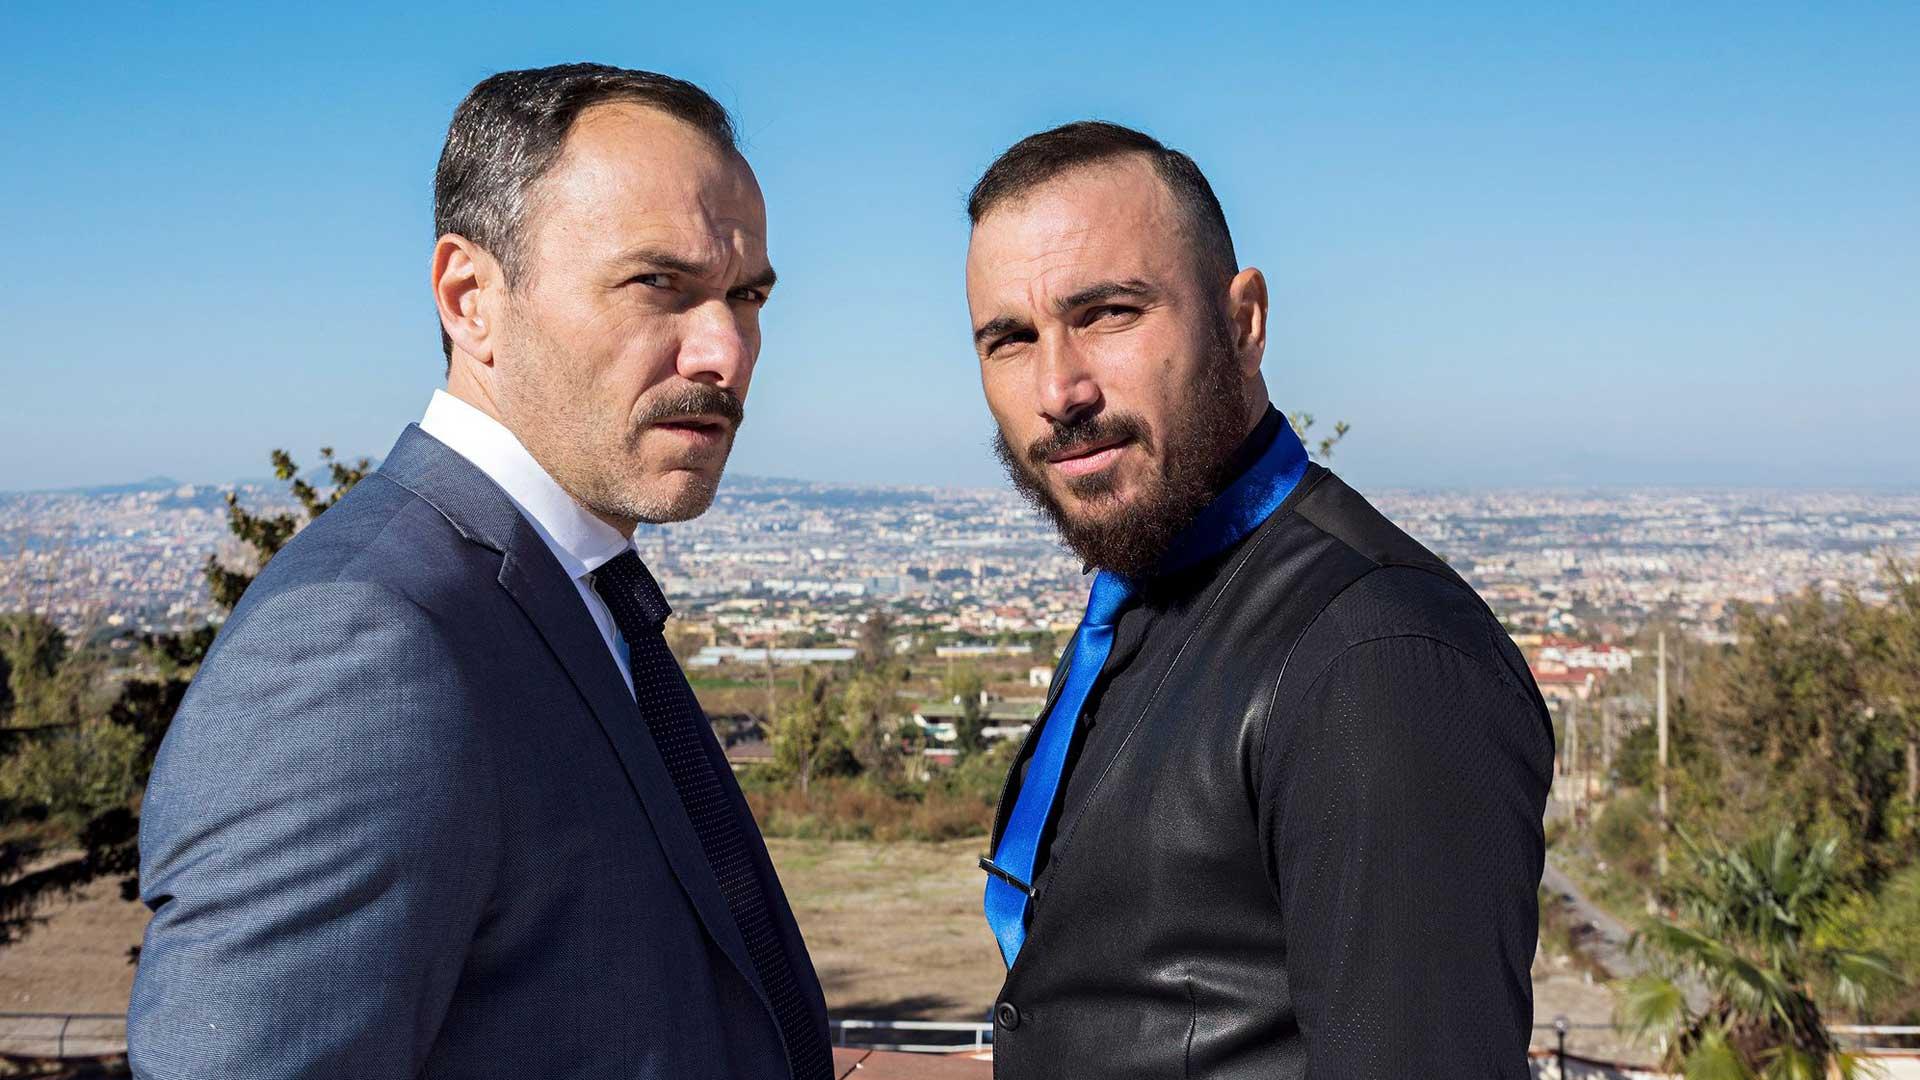 Italialaisen rikosdraaman Rione Sanitàn pormestari päärooleissa nähdään muun muassa Massimiliano Gallo ja Francesco Di Leva.